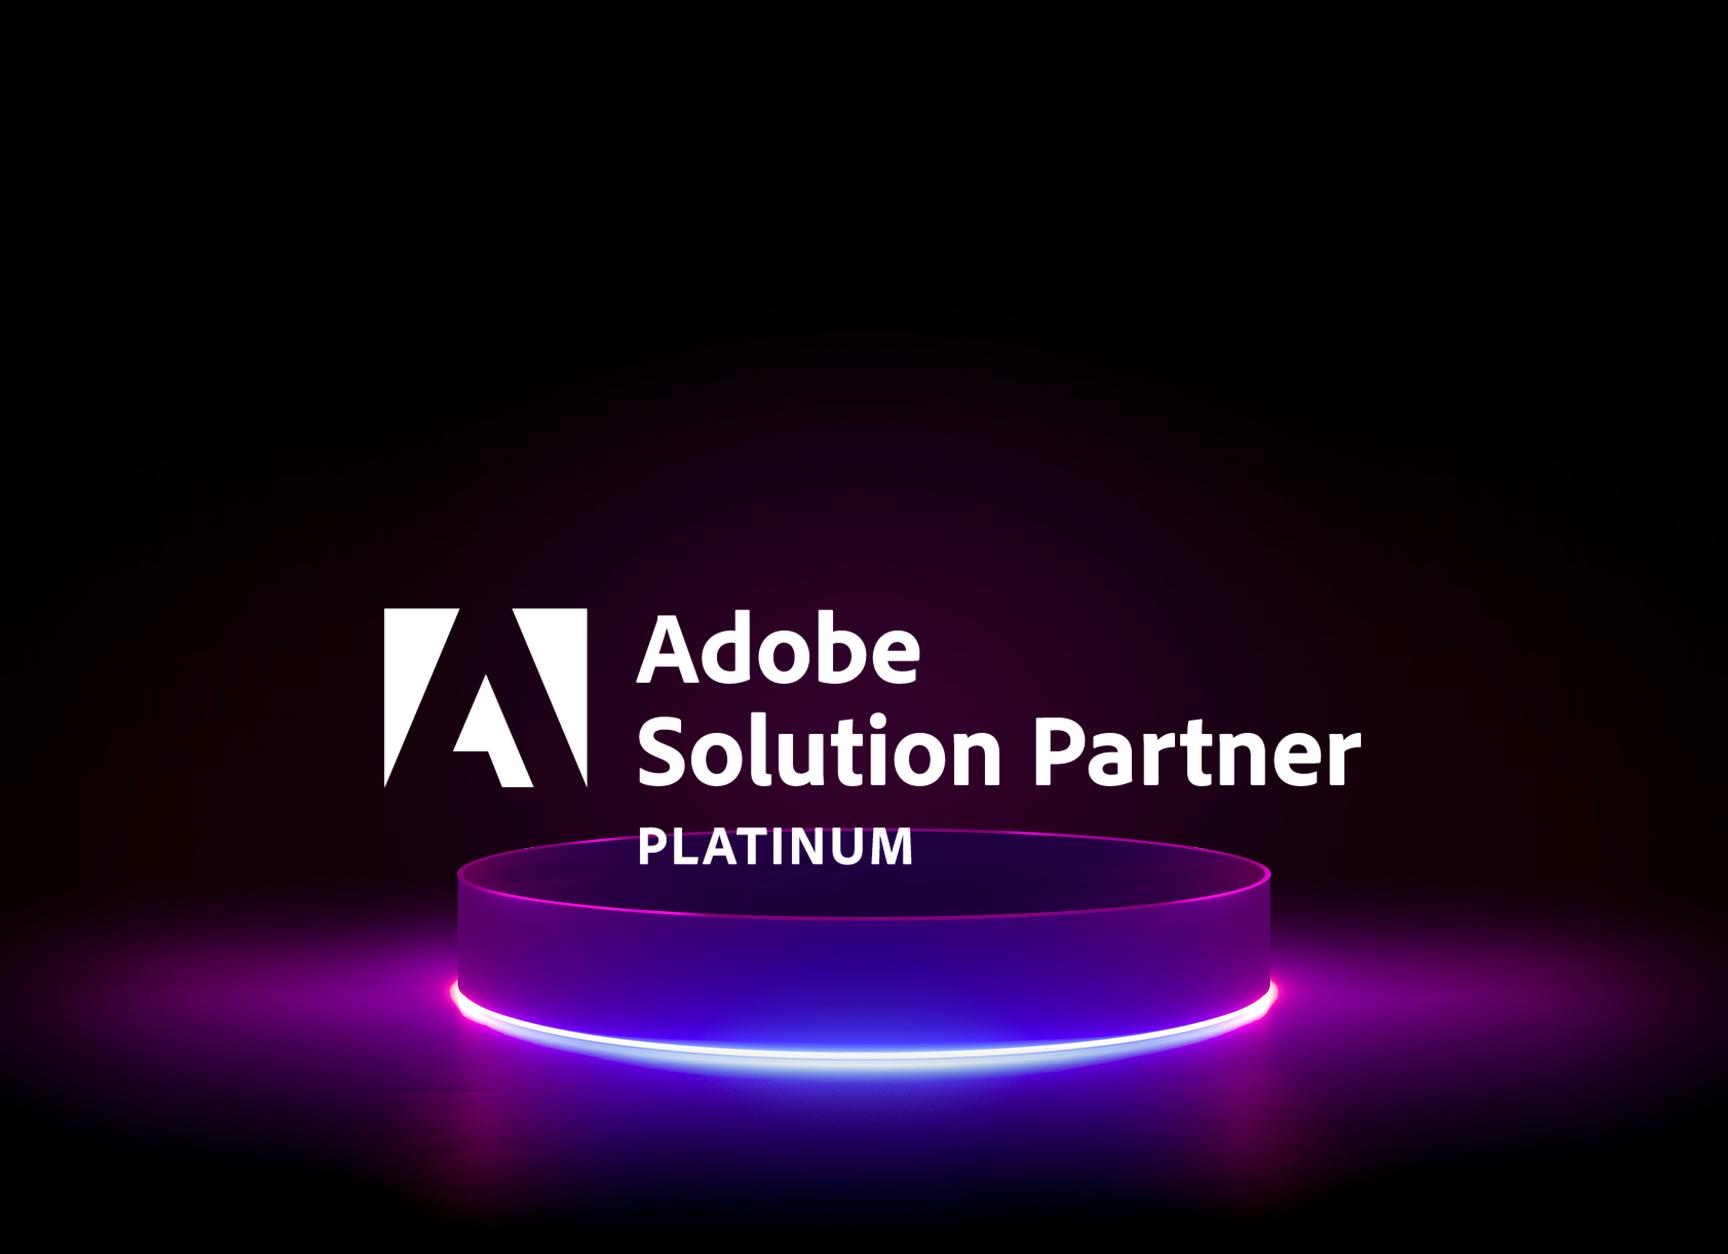 diva-e erreicht Adobe Platinum-Partner-Status